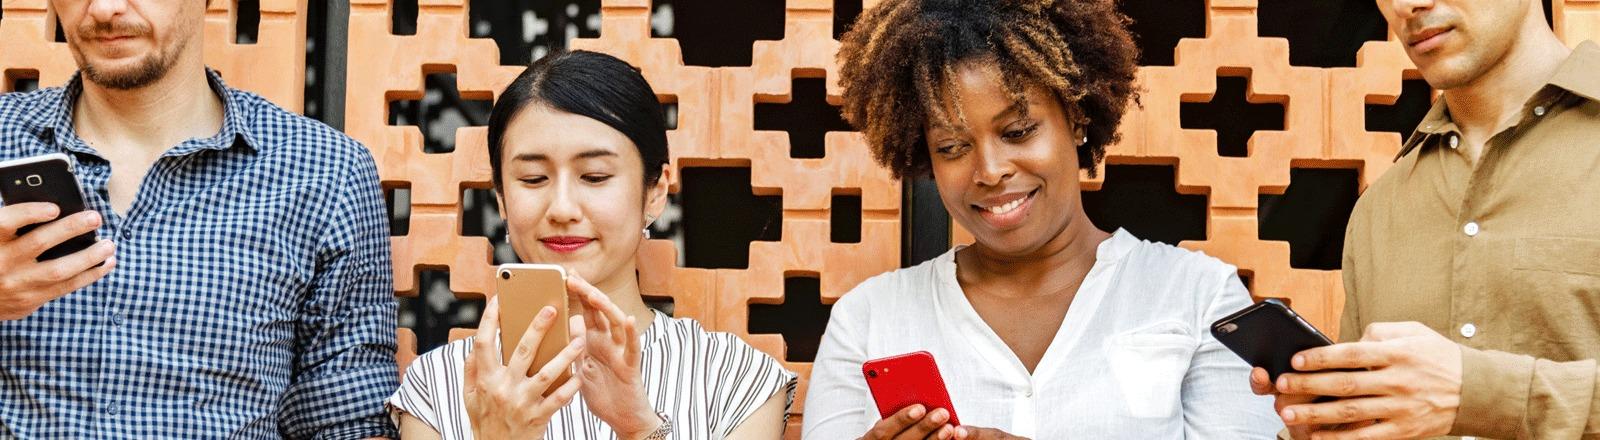 Vier Menschen, zwei Männer (außen) und zwei Frauen (in der Mitte) stehen nebeneinander - alle schauen auf ihr Smartphone.